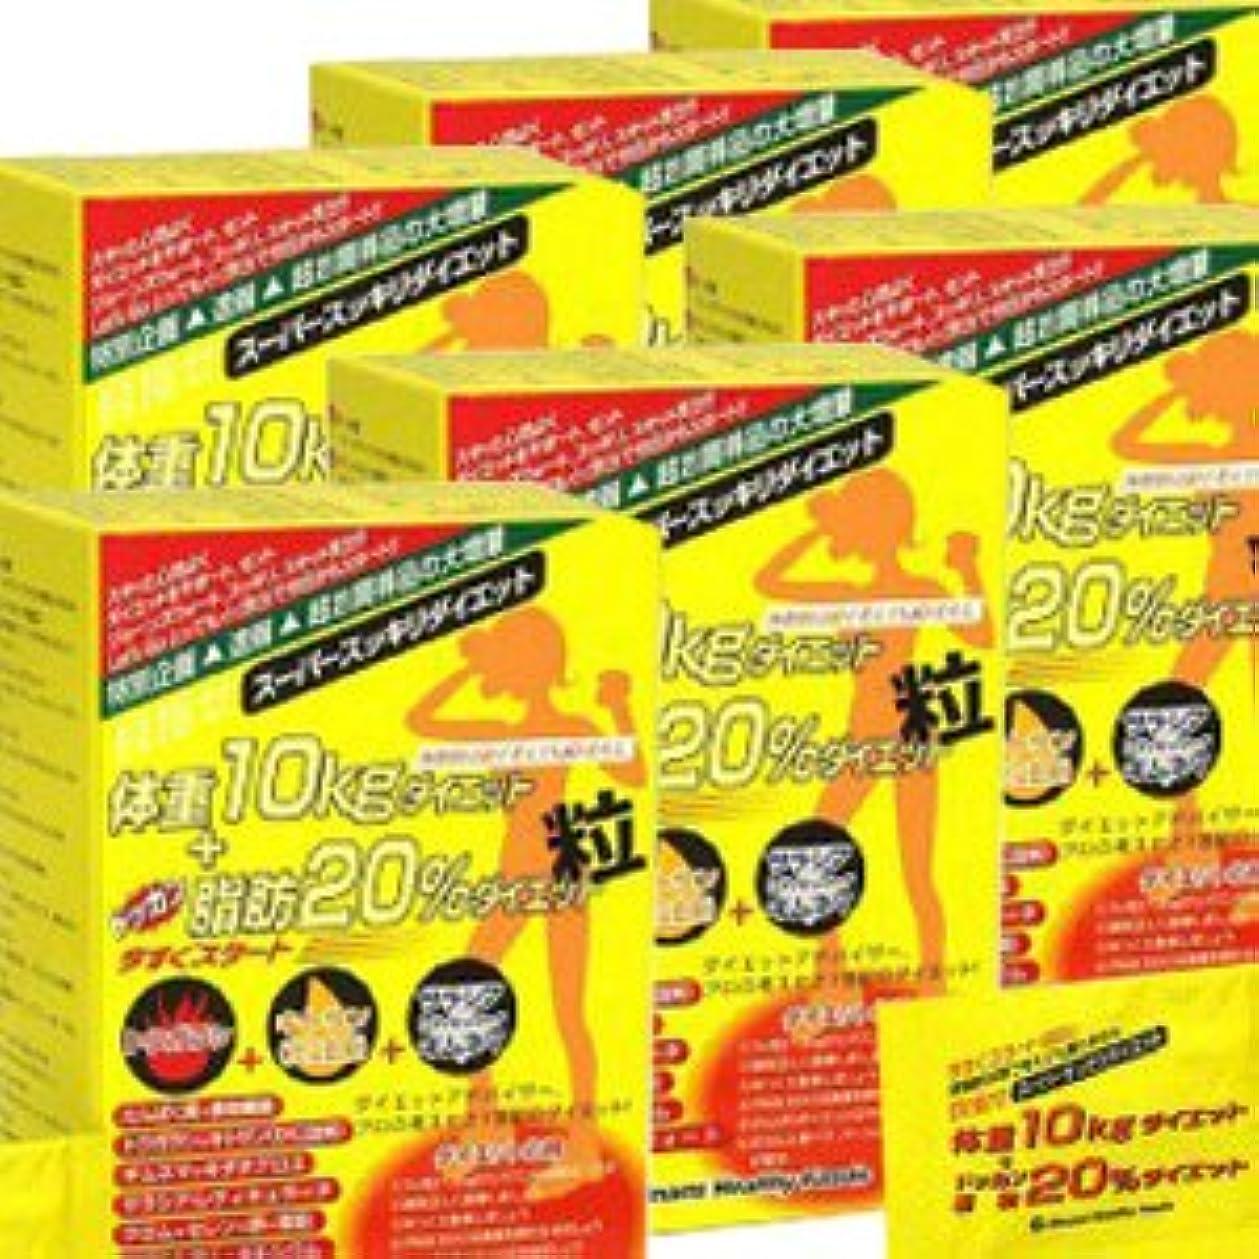 ジョージバーナードタップ頂点【6箱】目指せ体重10kgダイエット+ドッカン脂肪20%ダイエット粒 (6粒x75袋)x6箱 (4945904010341)